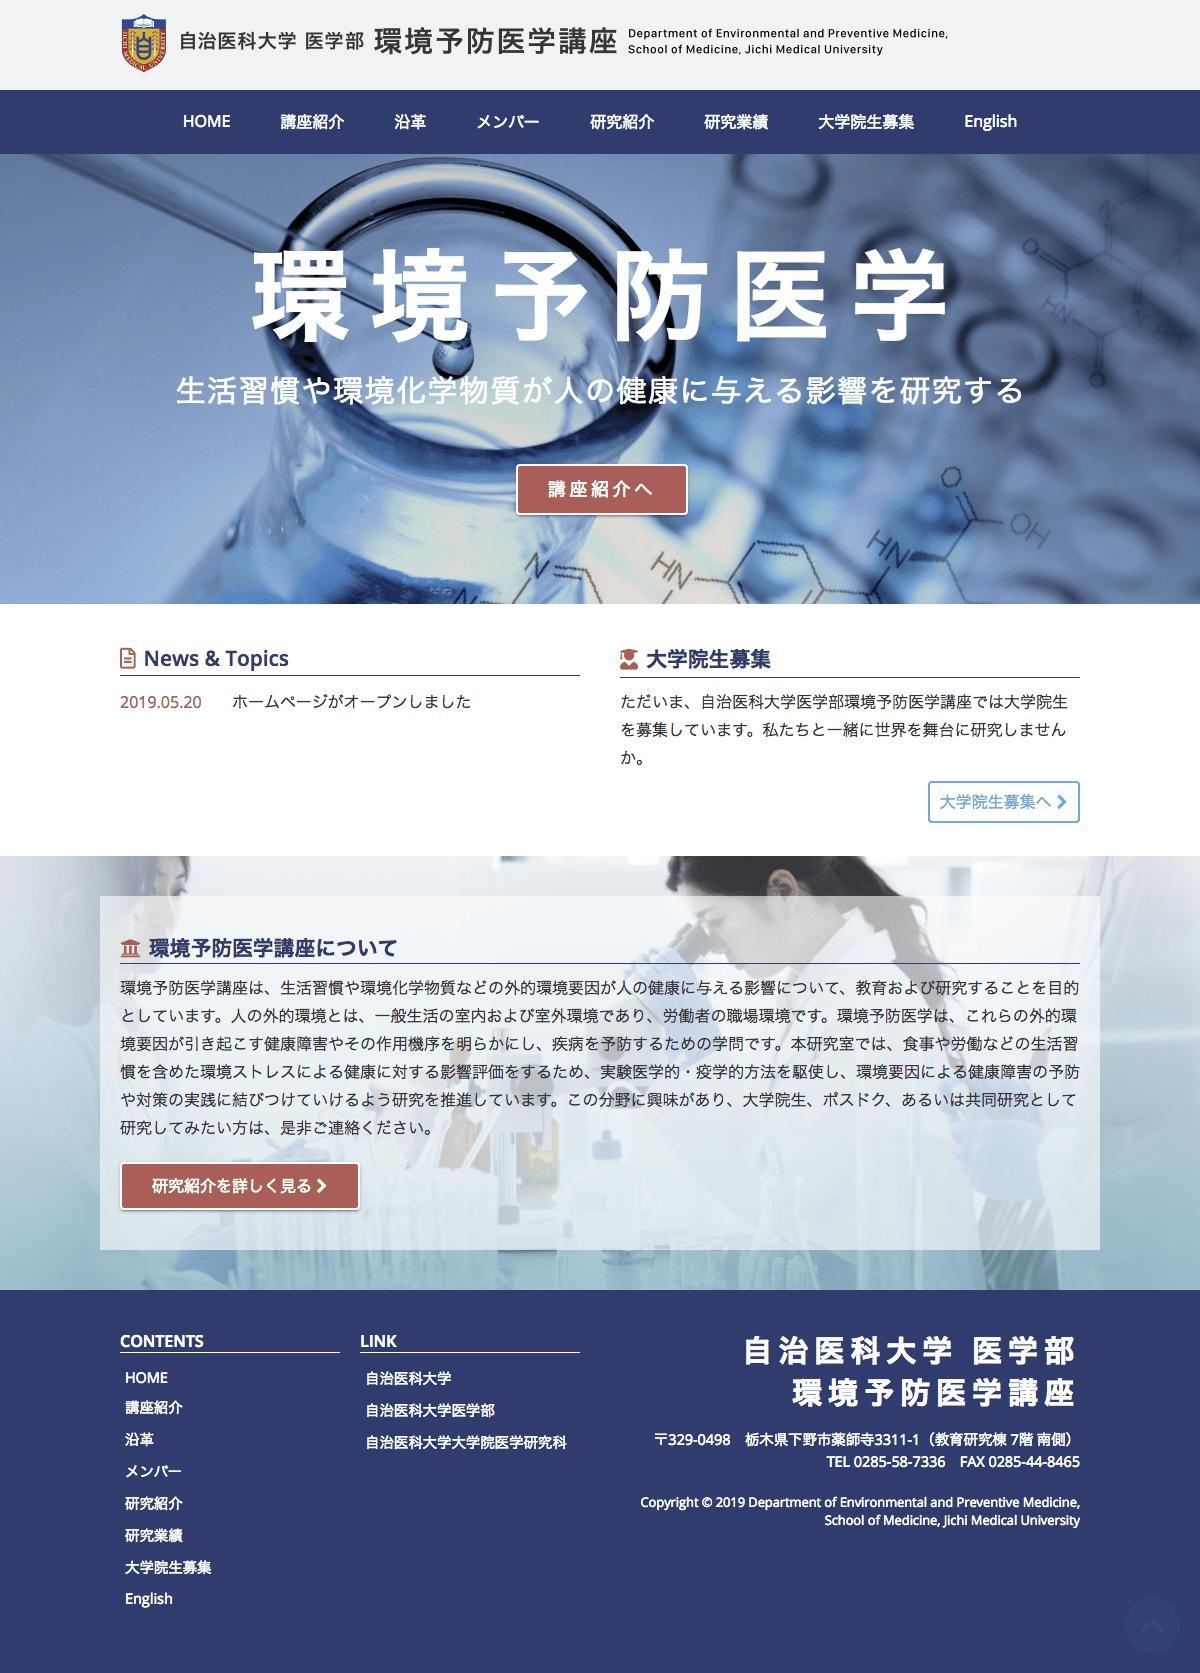 「環境予防医学講座」ウェブサイト